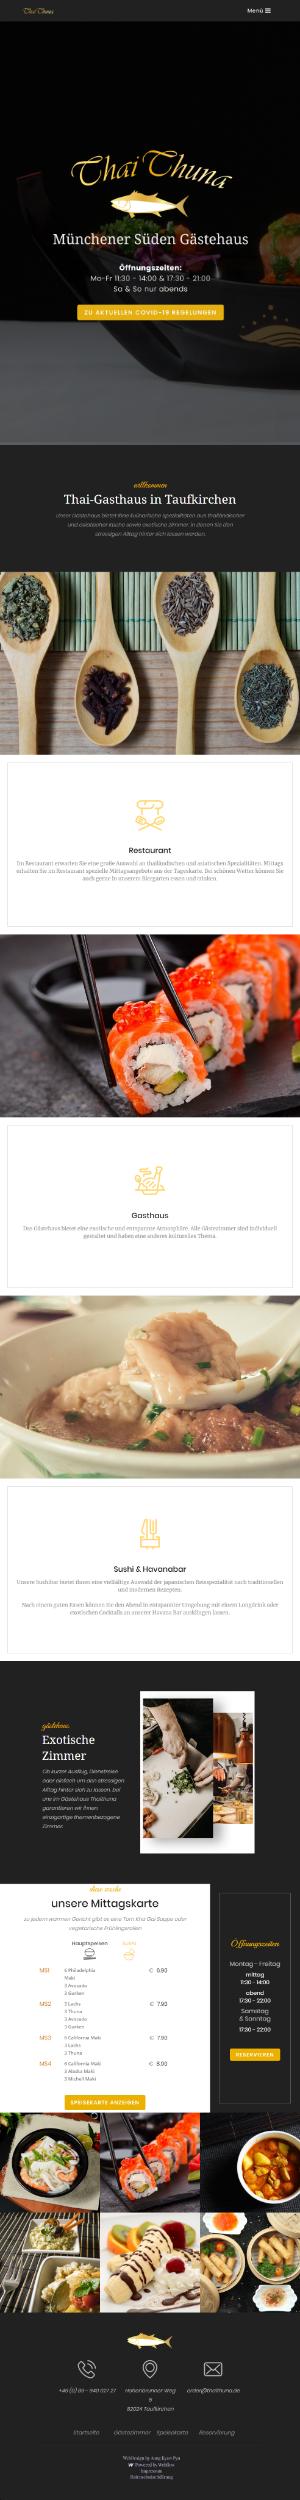 Tabletvorschau für die Webseite thaithuna-gasthaus.de